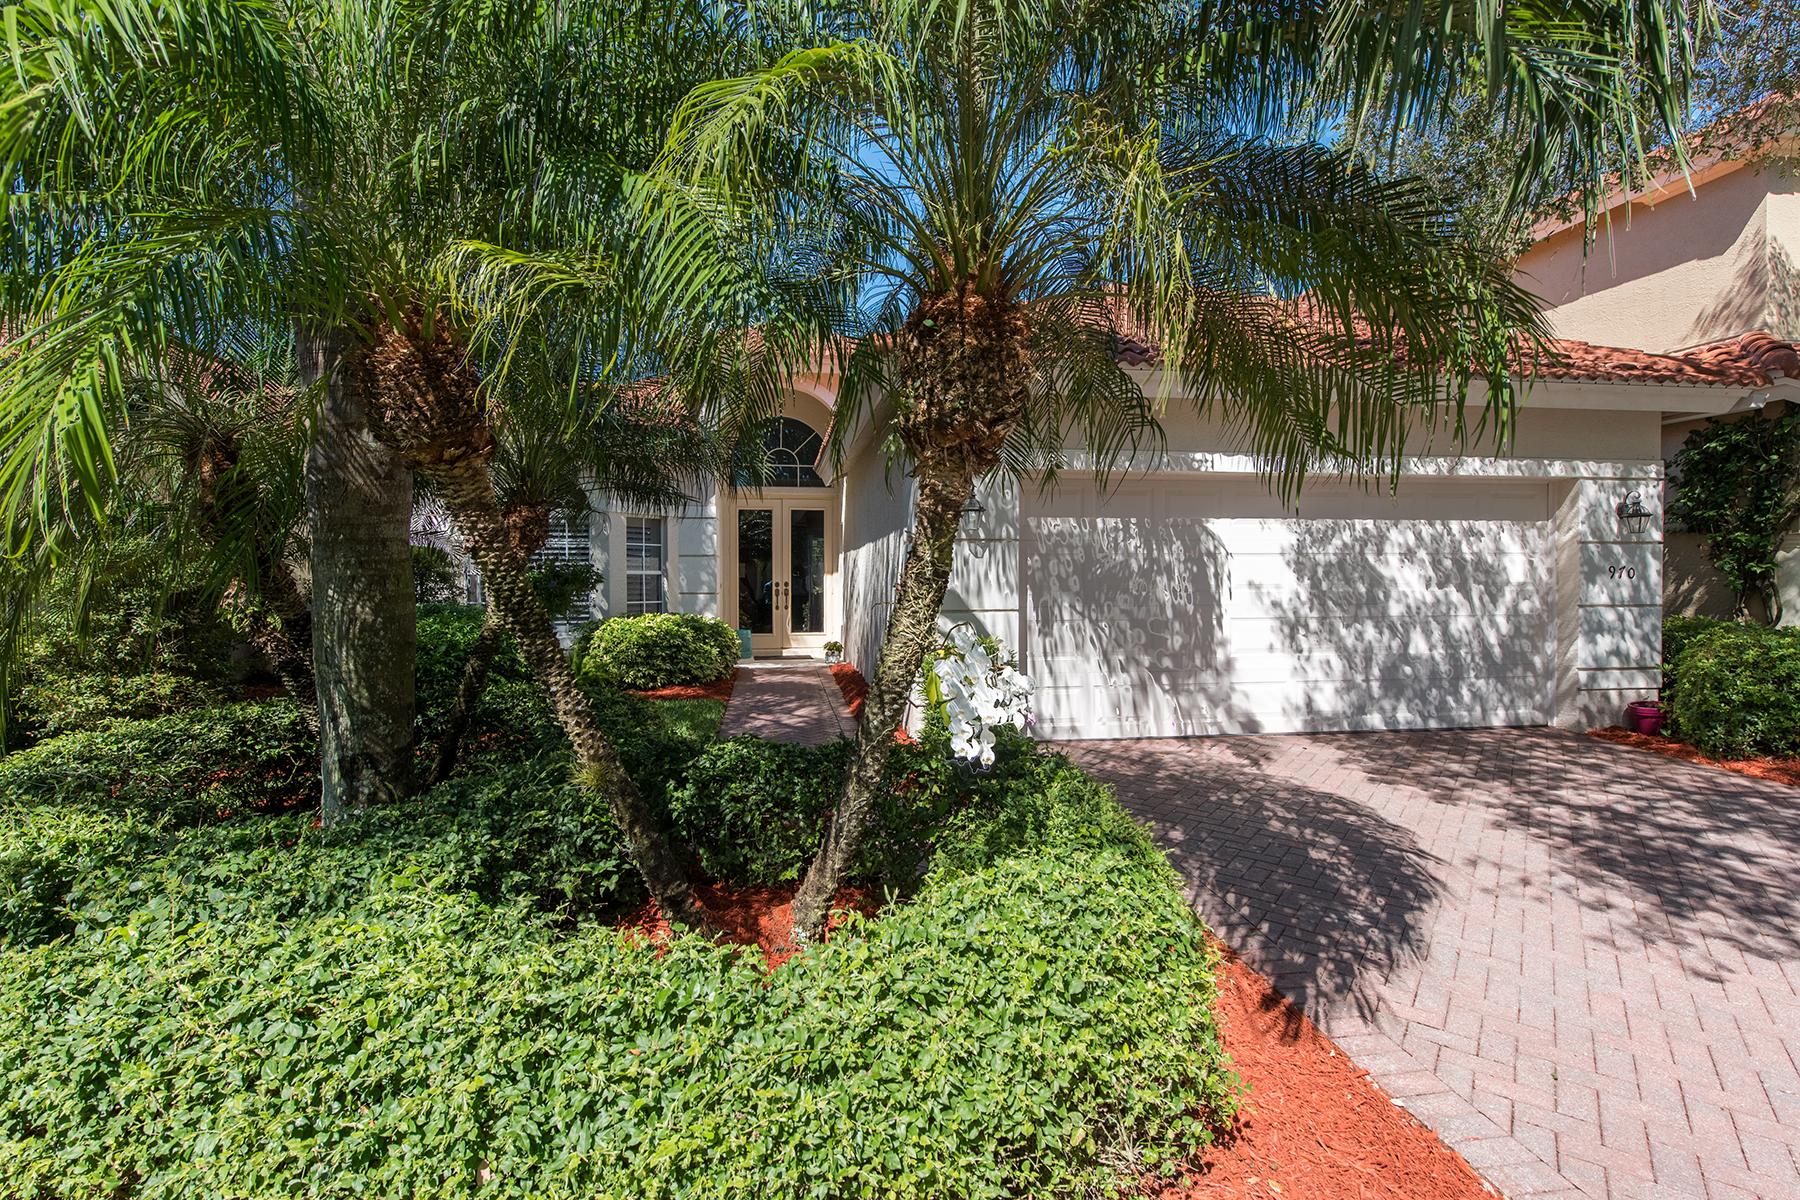 独户住宅 为 销售 在 VINEYARDS - FOUNTAINHEAD 970 Fountain 那不勒斯, 佛罗里达州, 34119 美国